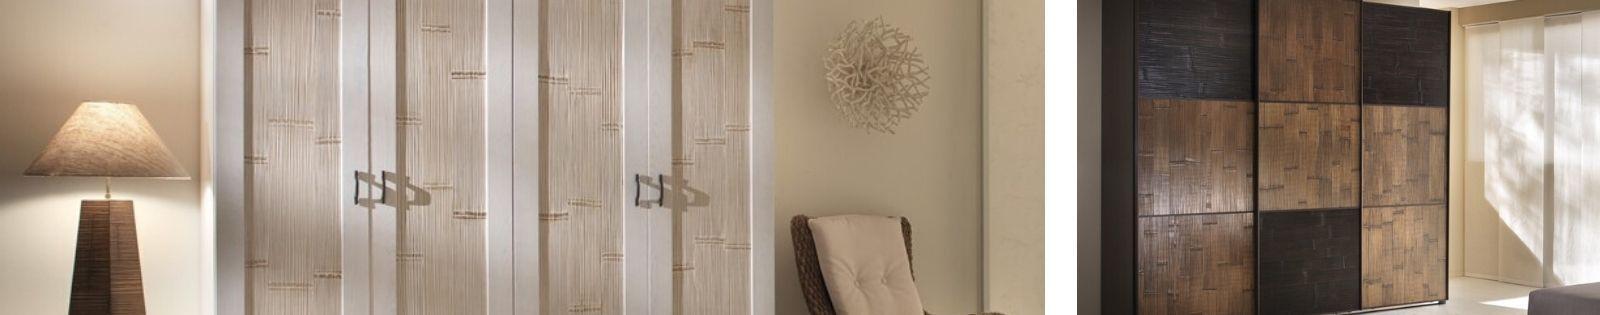 Armoires en bambou : meubles haut de gamme en provenance d'Indonésie